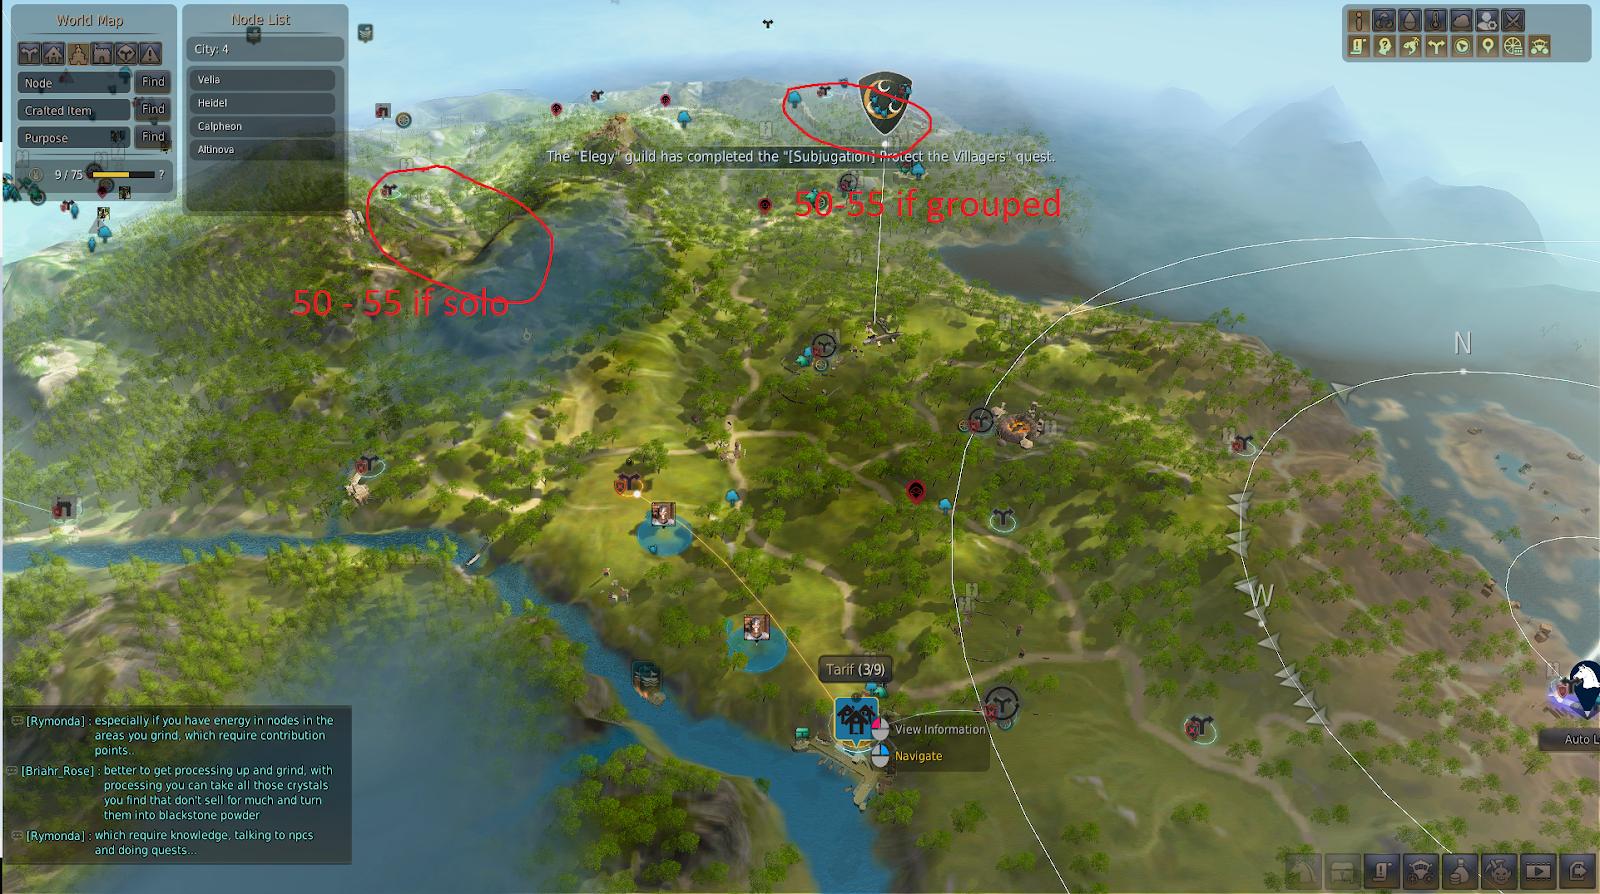 Xbox Black Desert Online 1-55 Leveling Guide